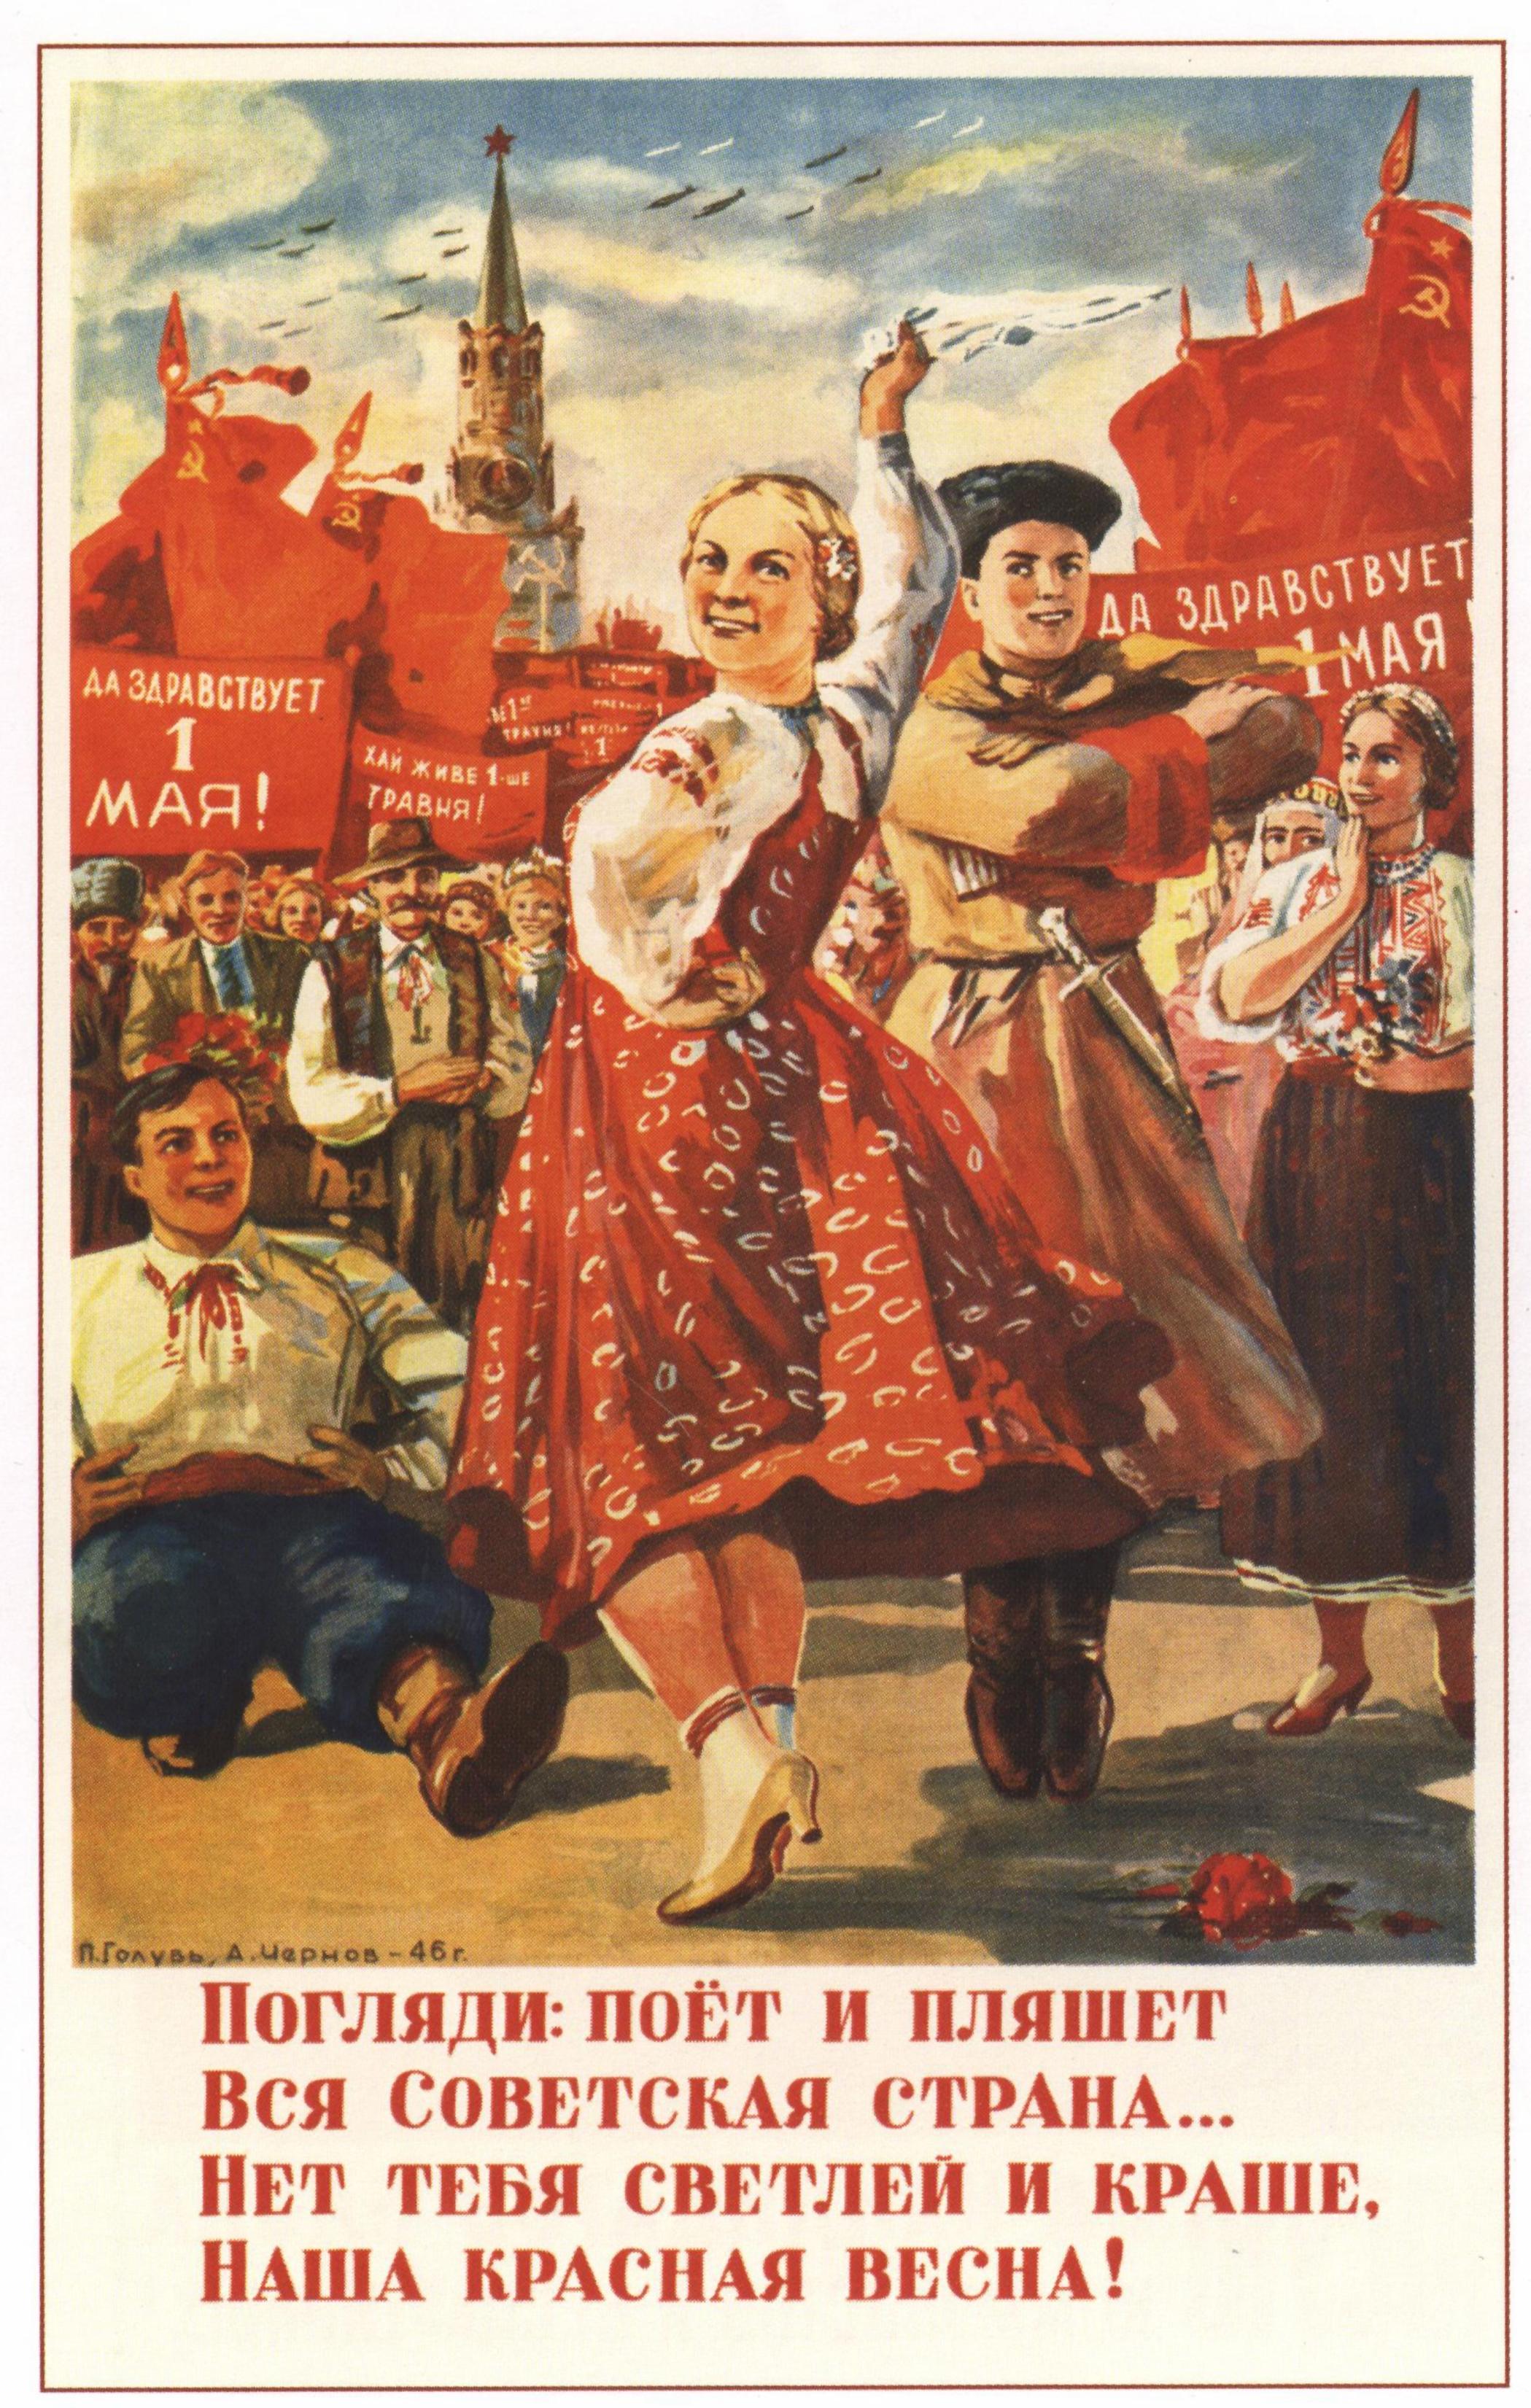 https://tunnel.ru/media/images/2018-05/post/560/1946-golub-chernov-poglyadi-poet-plyashet-vsya-sovetskaya-strana-9.jpg